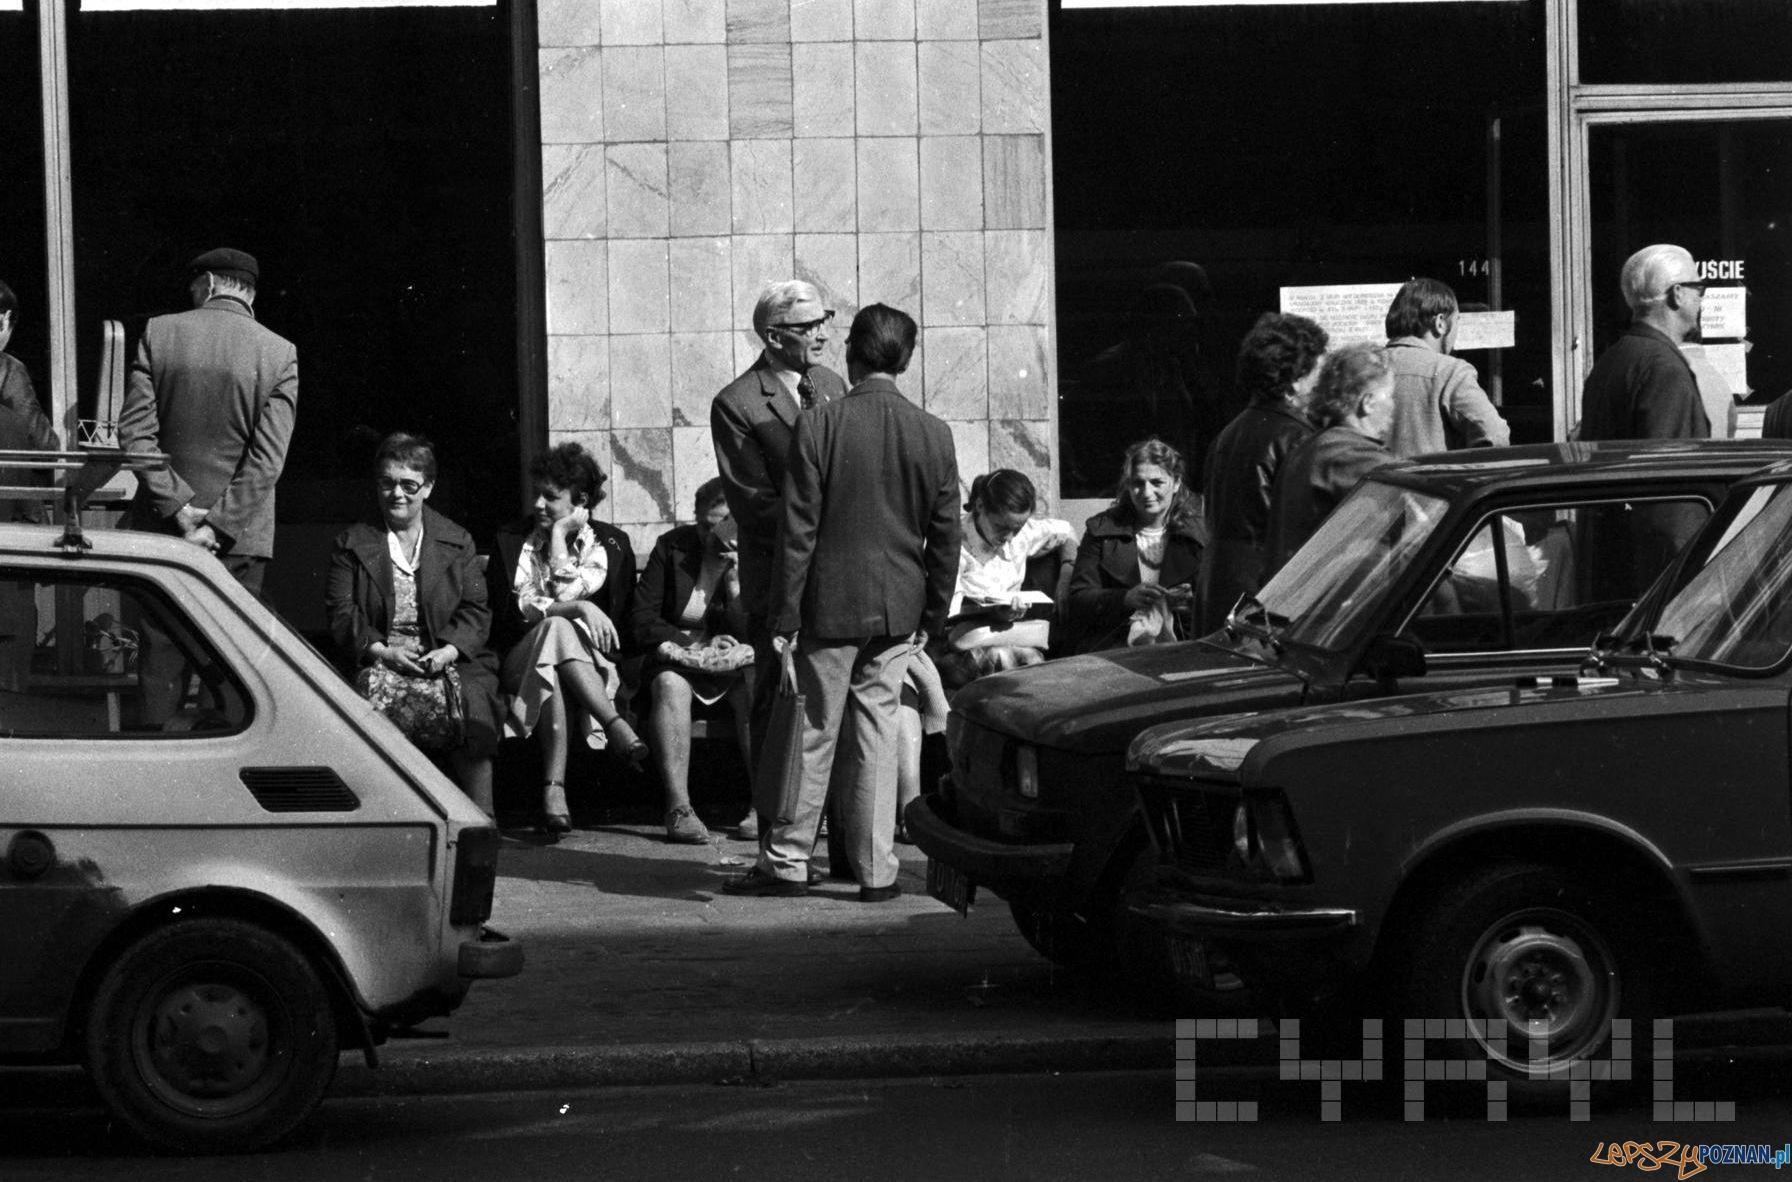 Klienci oczekujacy na otwarcie sklepu - 1981 St. Wiktor Cyryl  Foto: